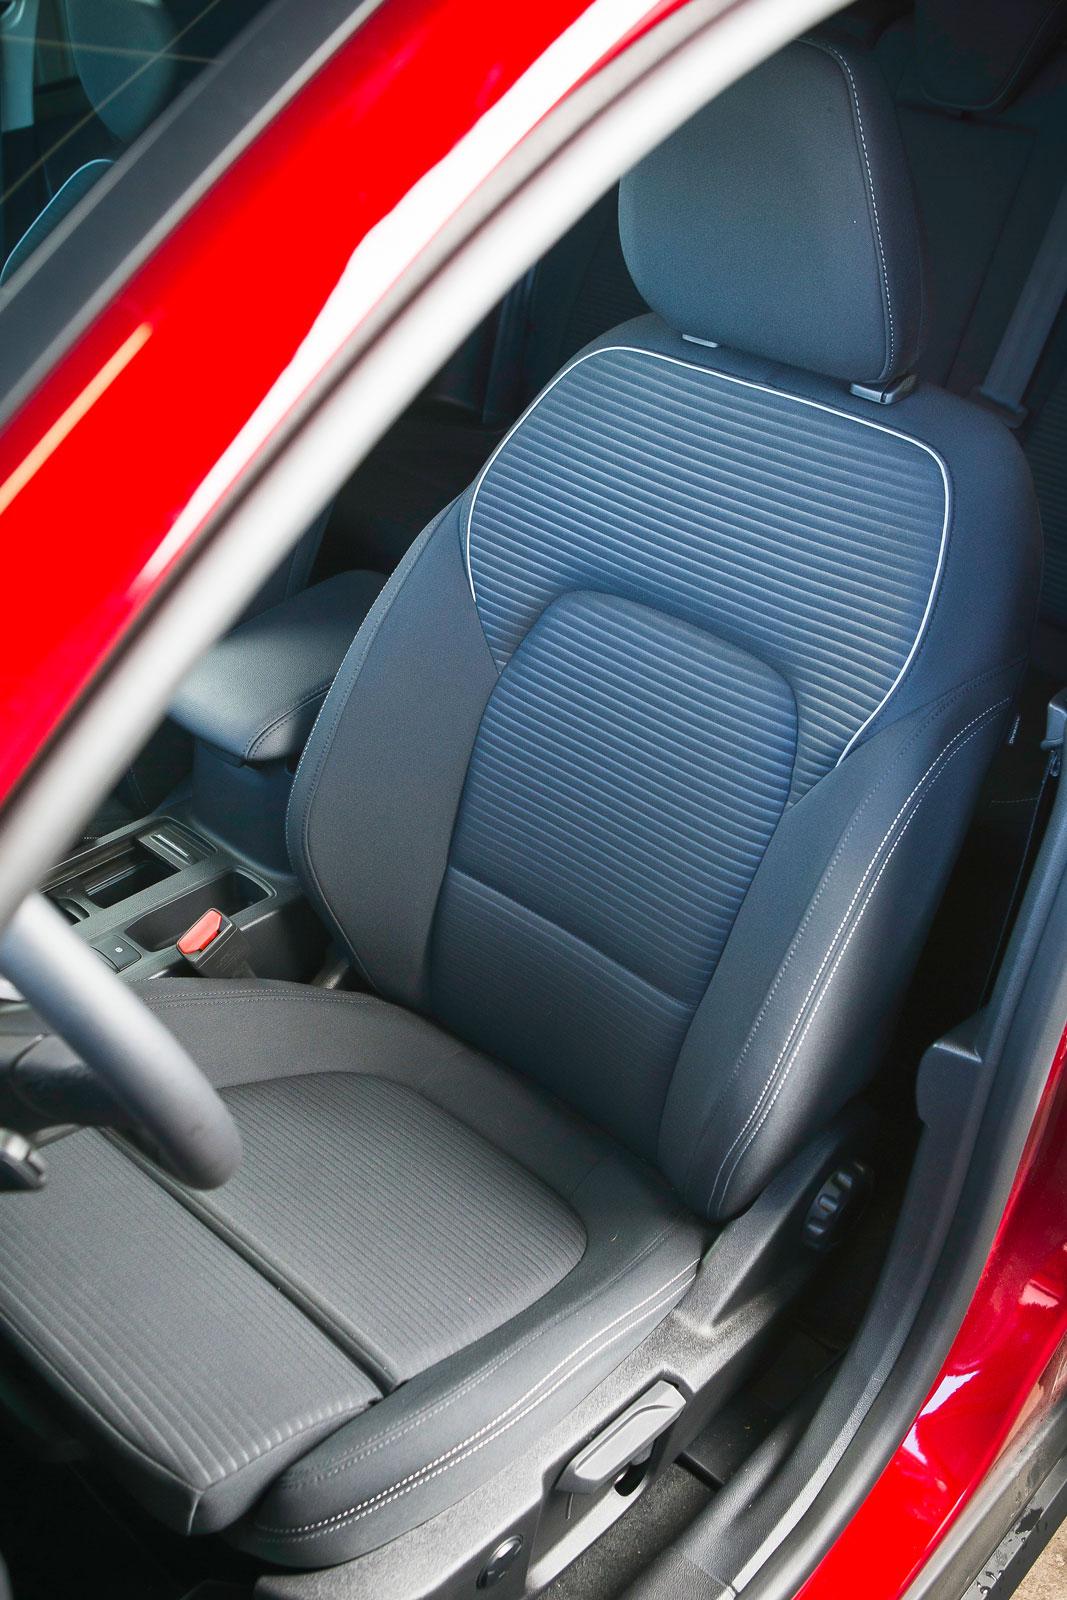 Fords 18-vägs manuellt justerbara främre komfortstolar kostar 7300 kronor extra. Värt varenda krona, om du frågar testlaget.